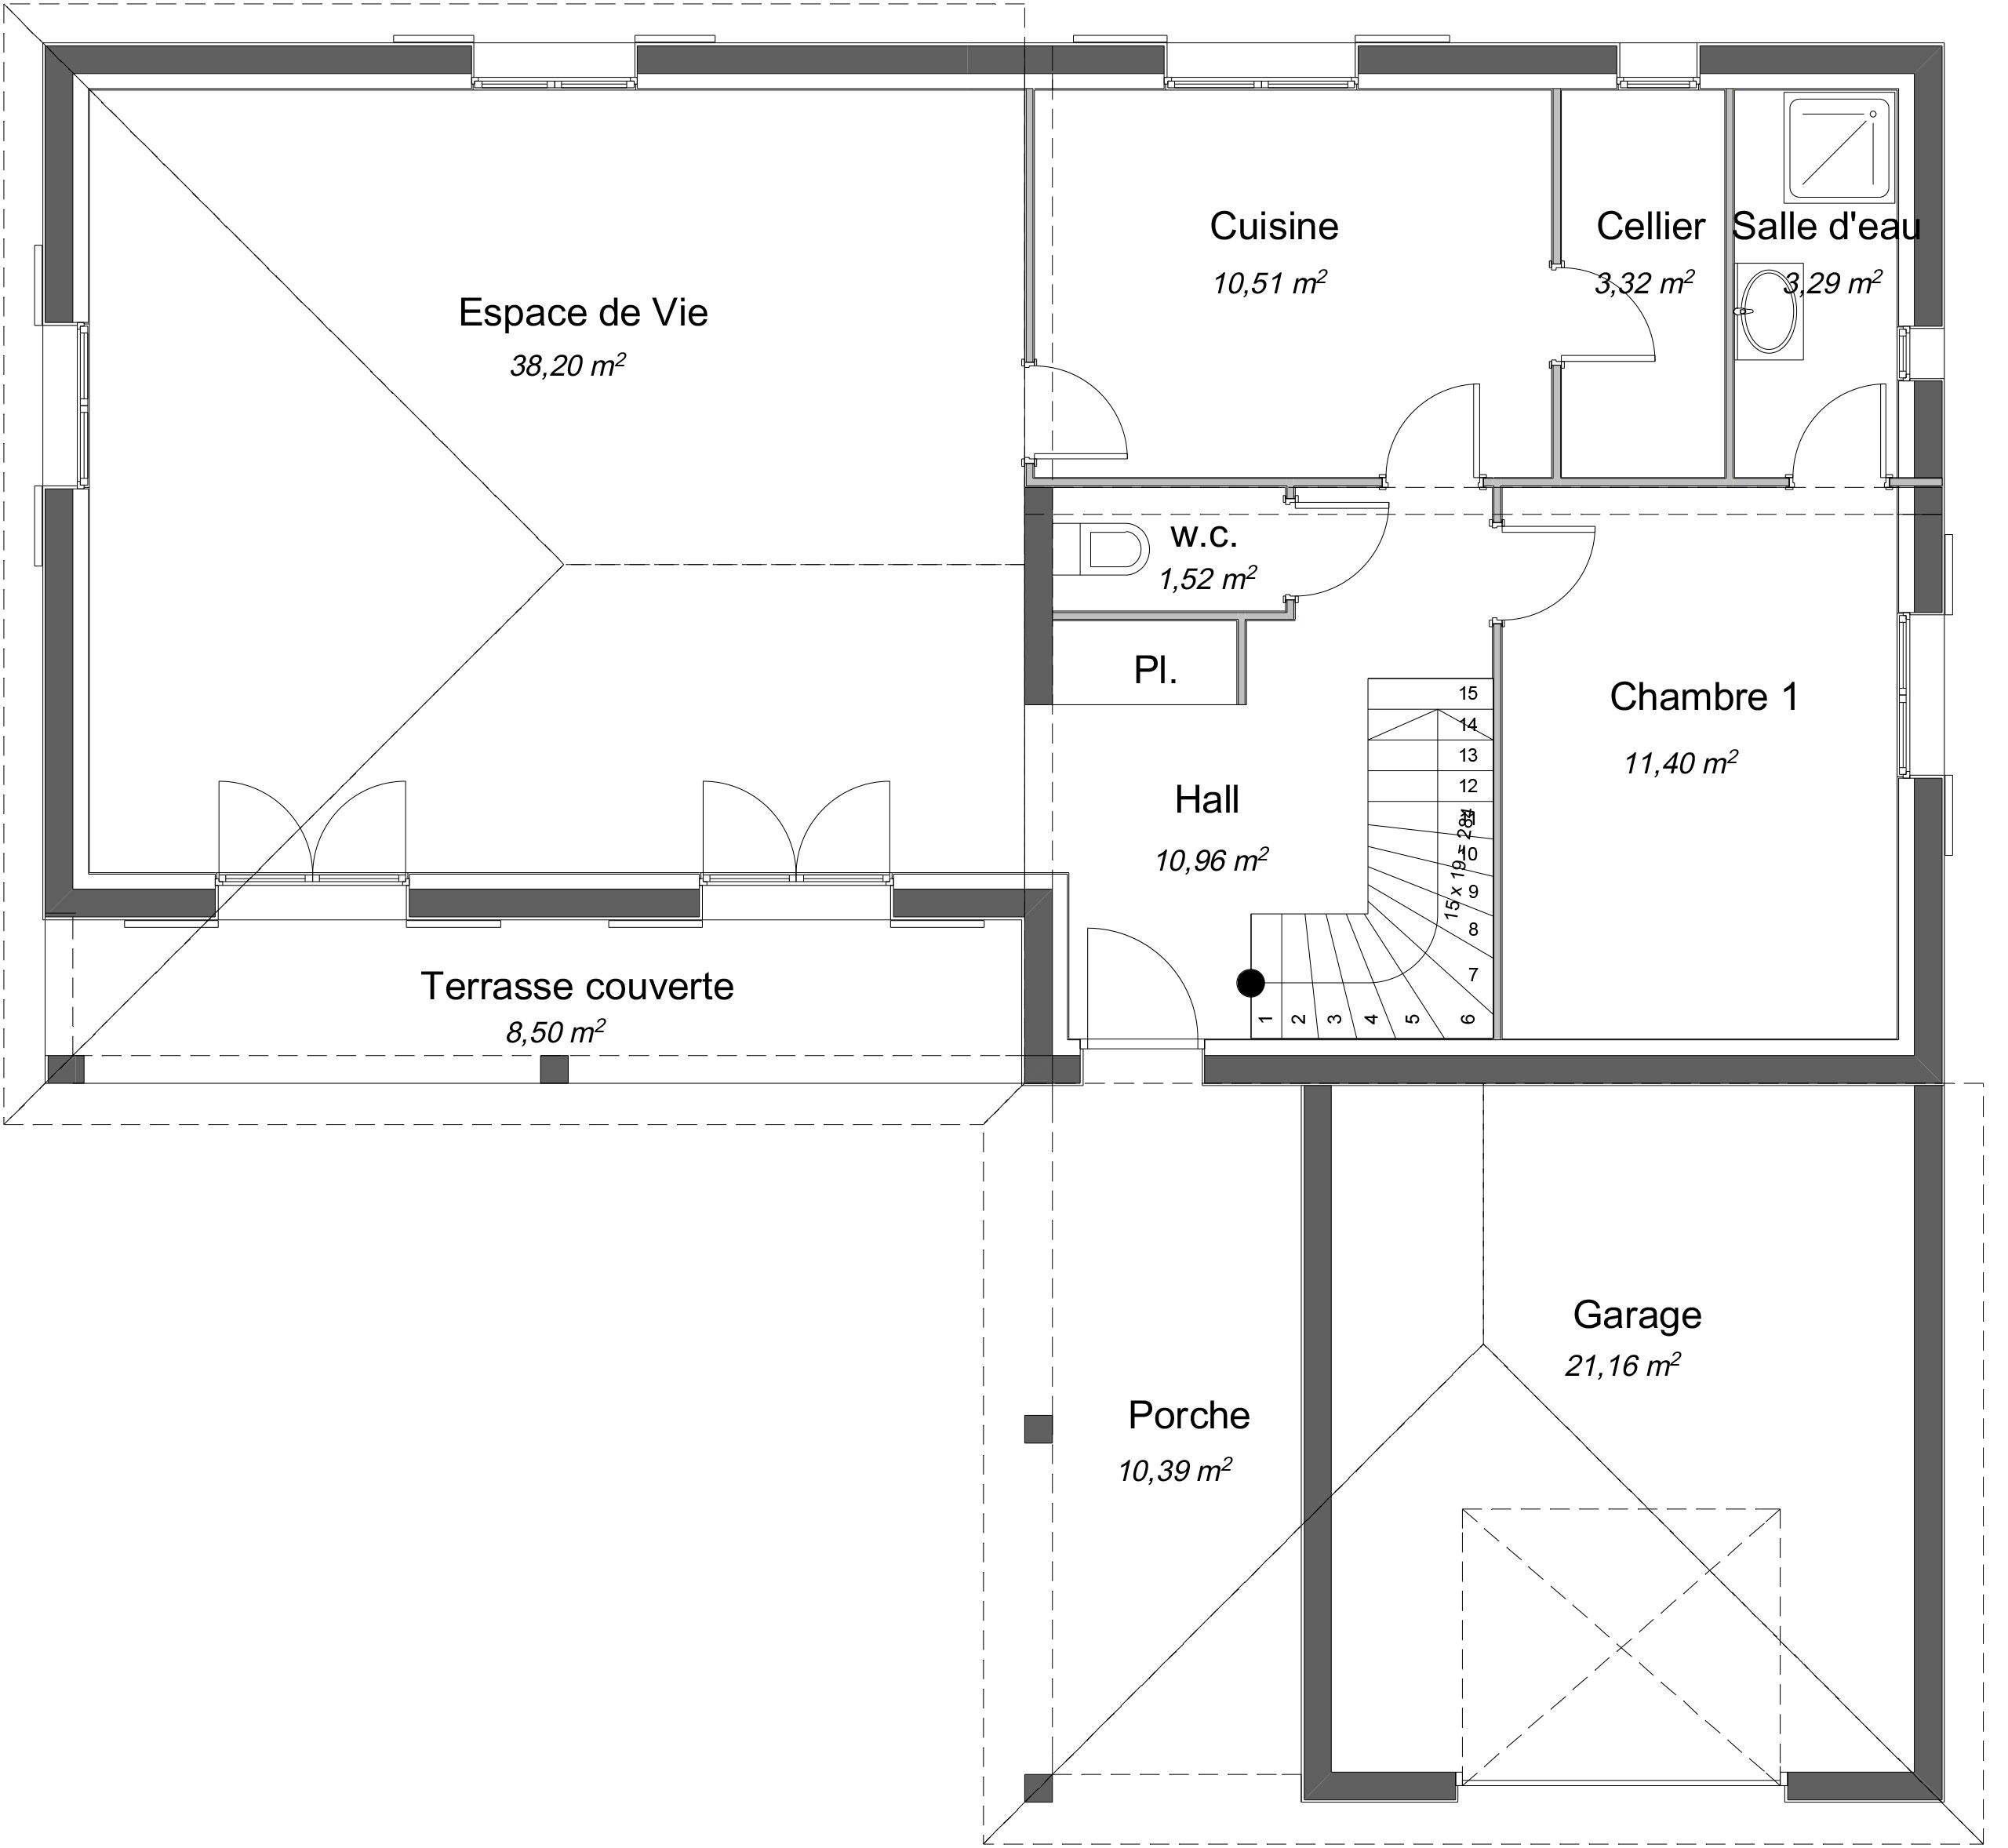 Maison Traditionnelle Etage Charme Avec Plans Demeures D